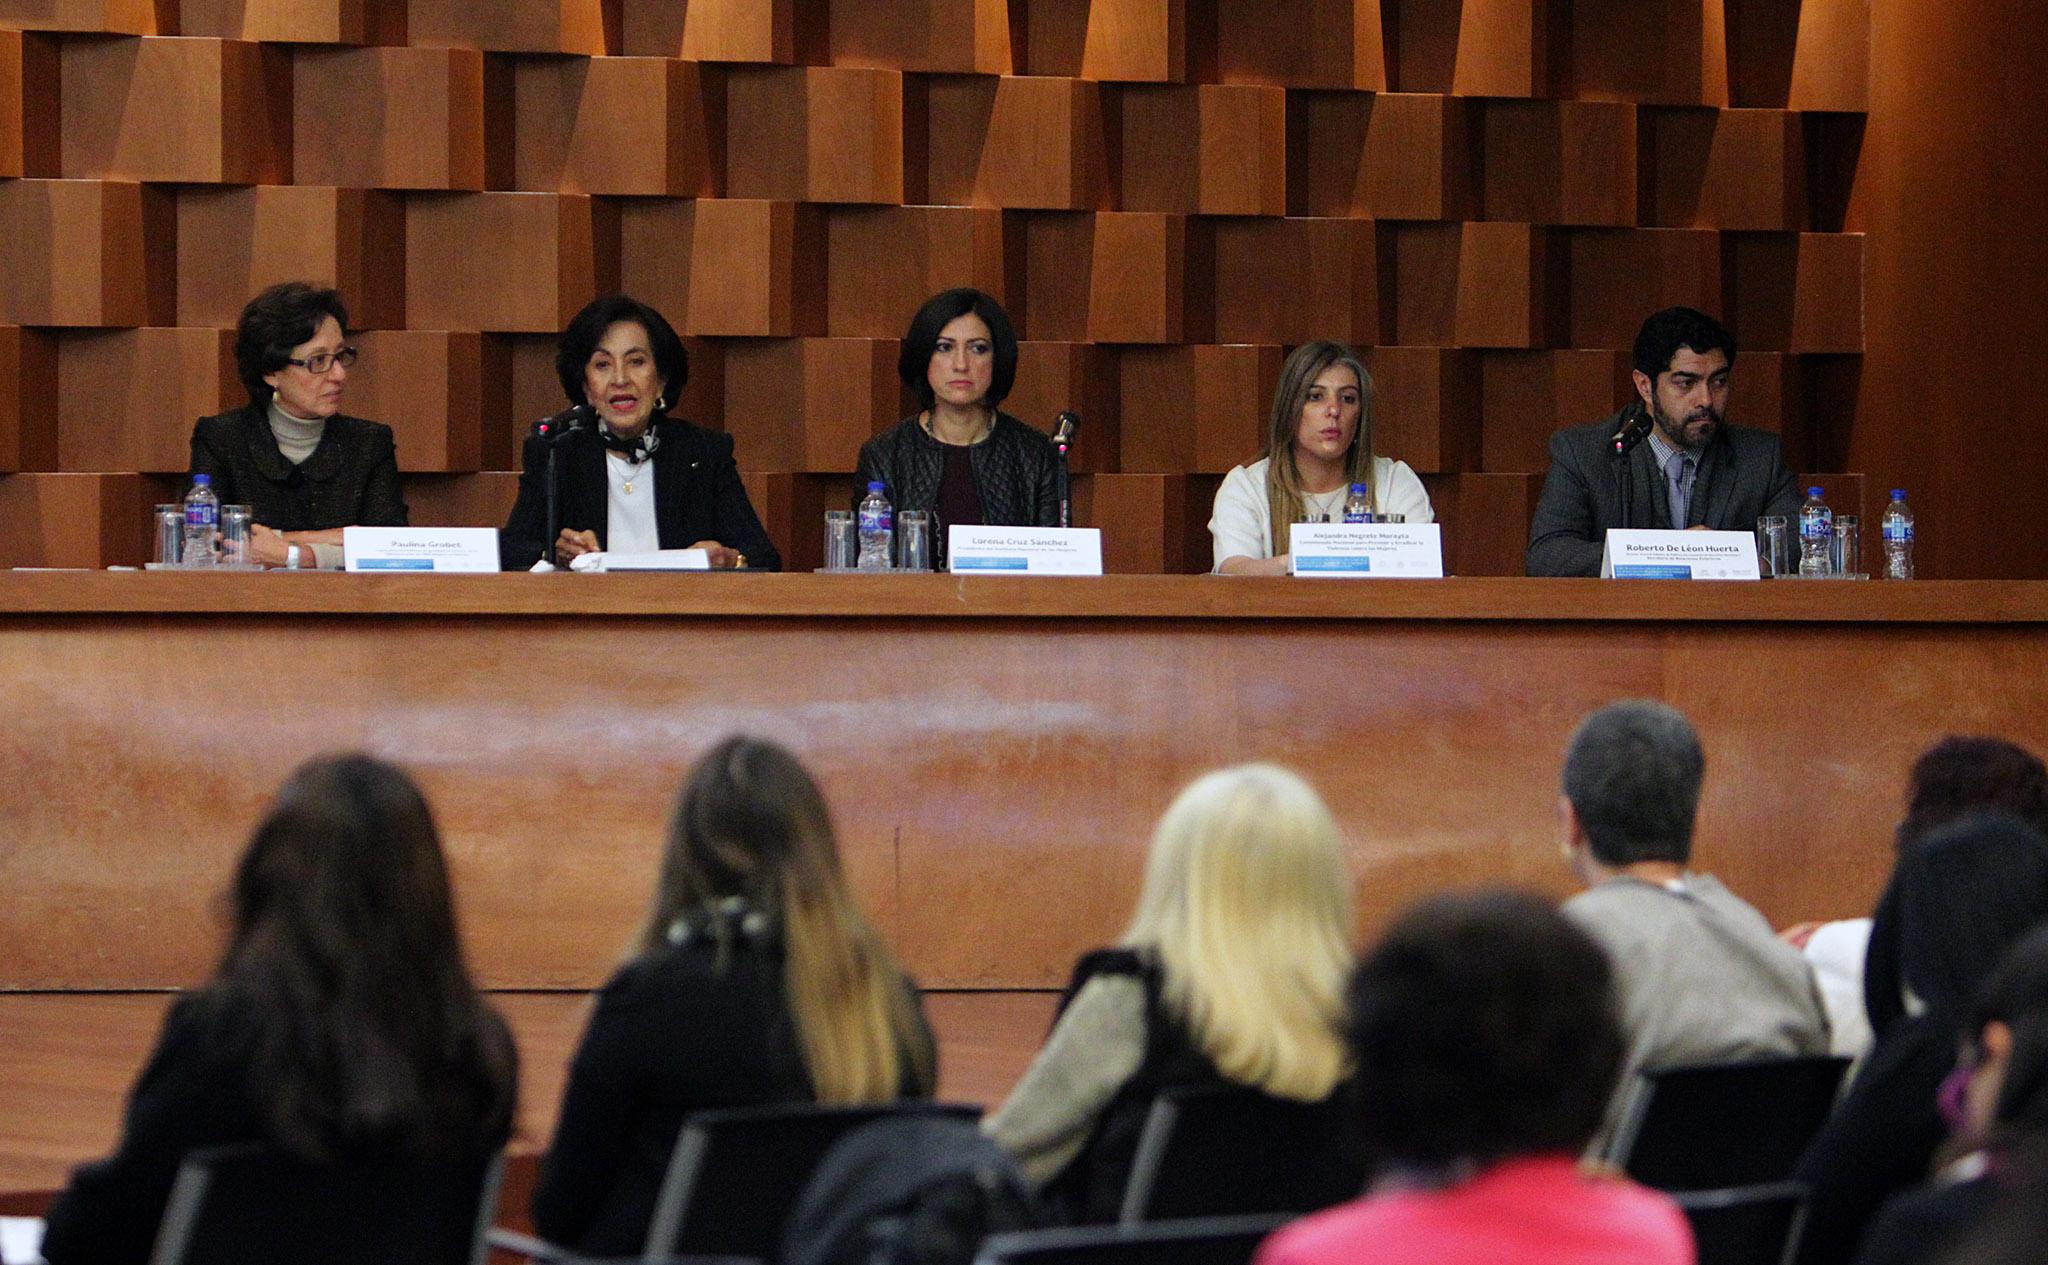 FOTO 3 Foro de Consulta con Organizaciones de la Sociedad Civil en materia de igualdad de g nerojpg